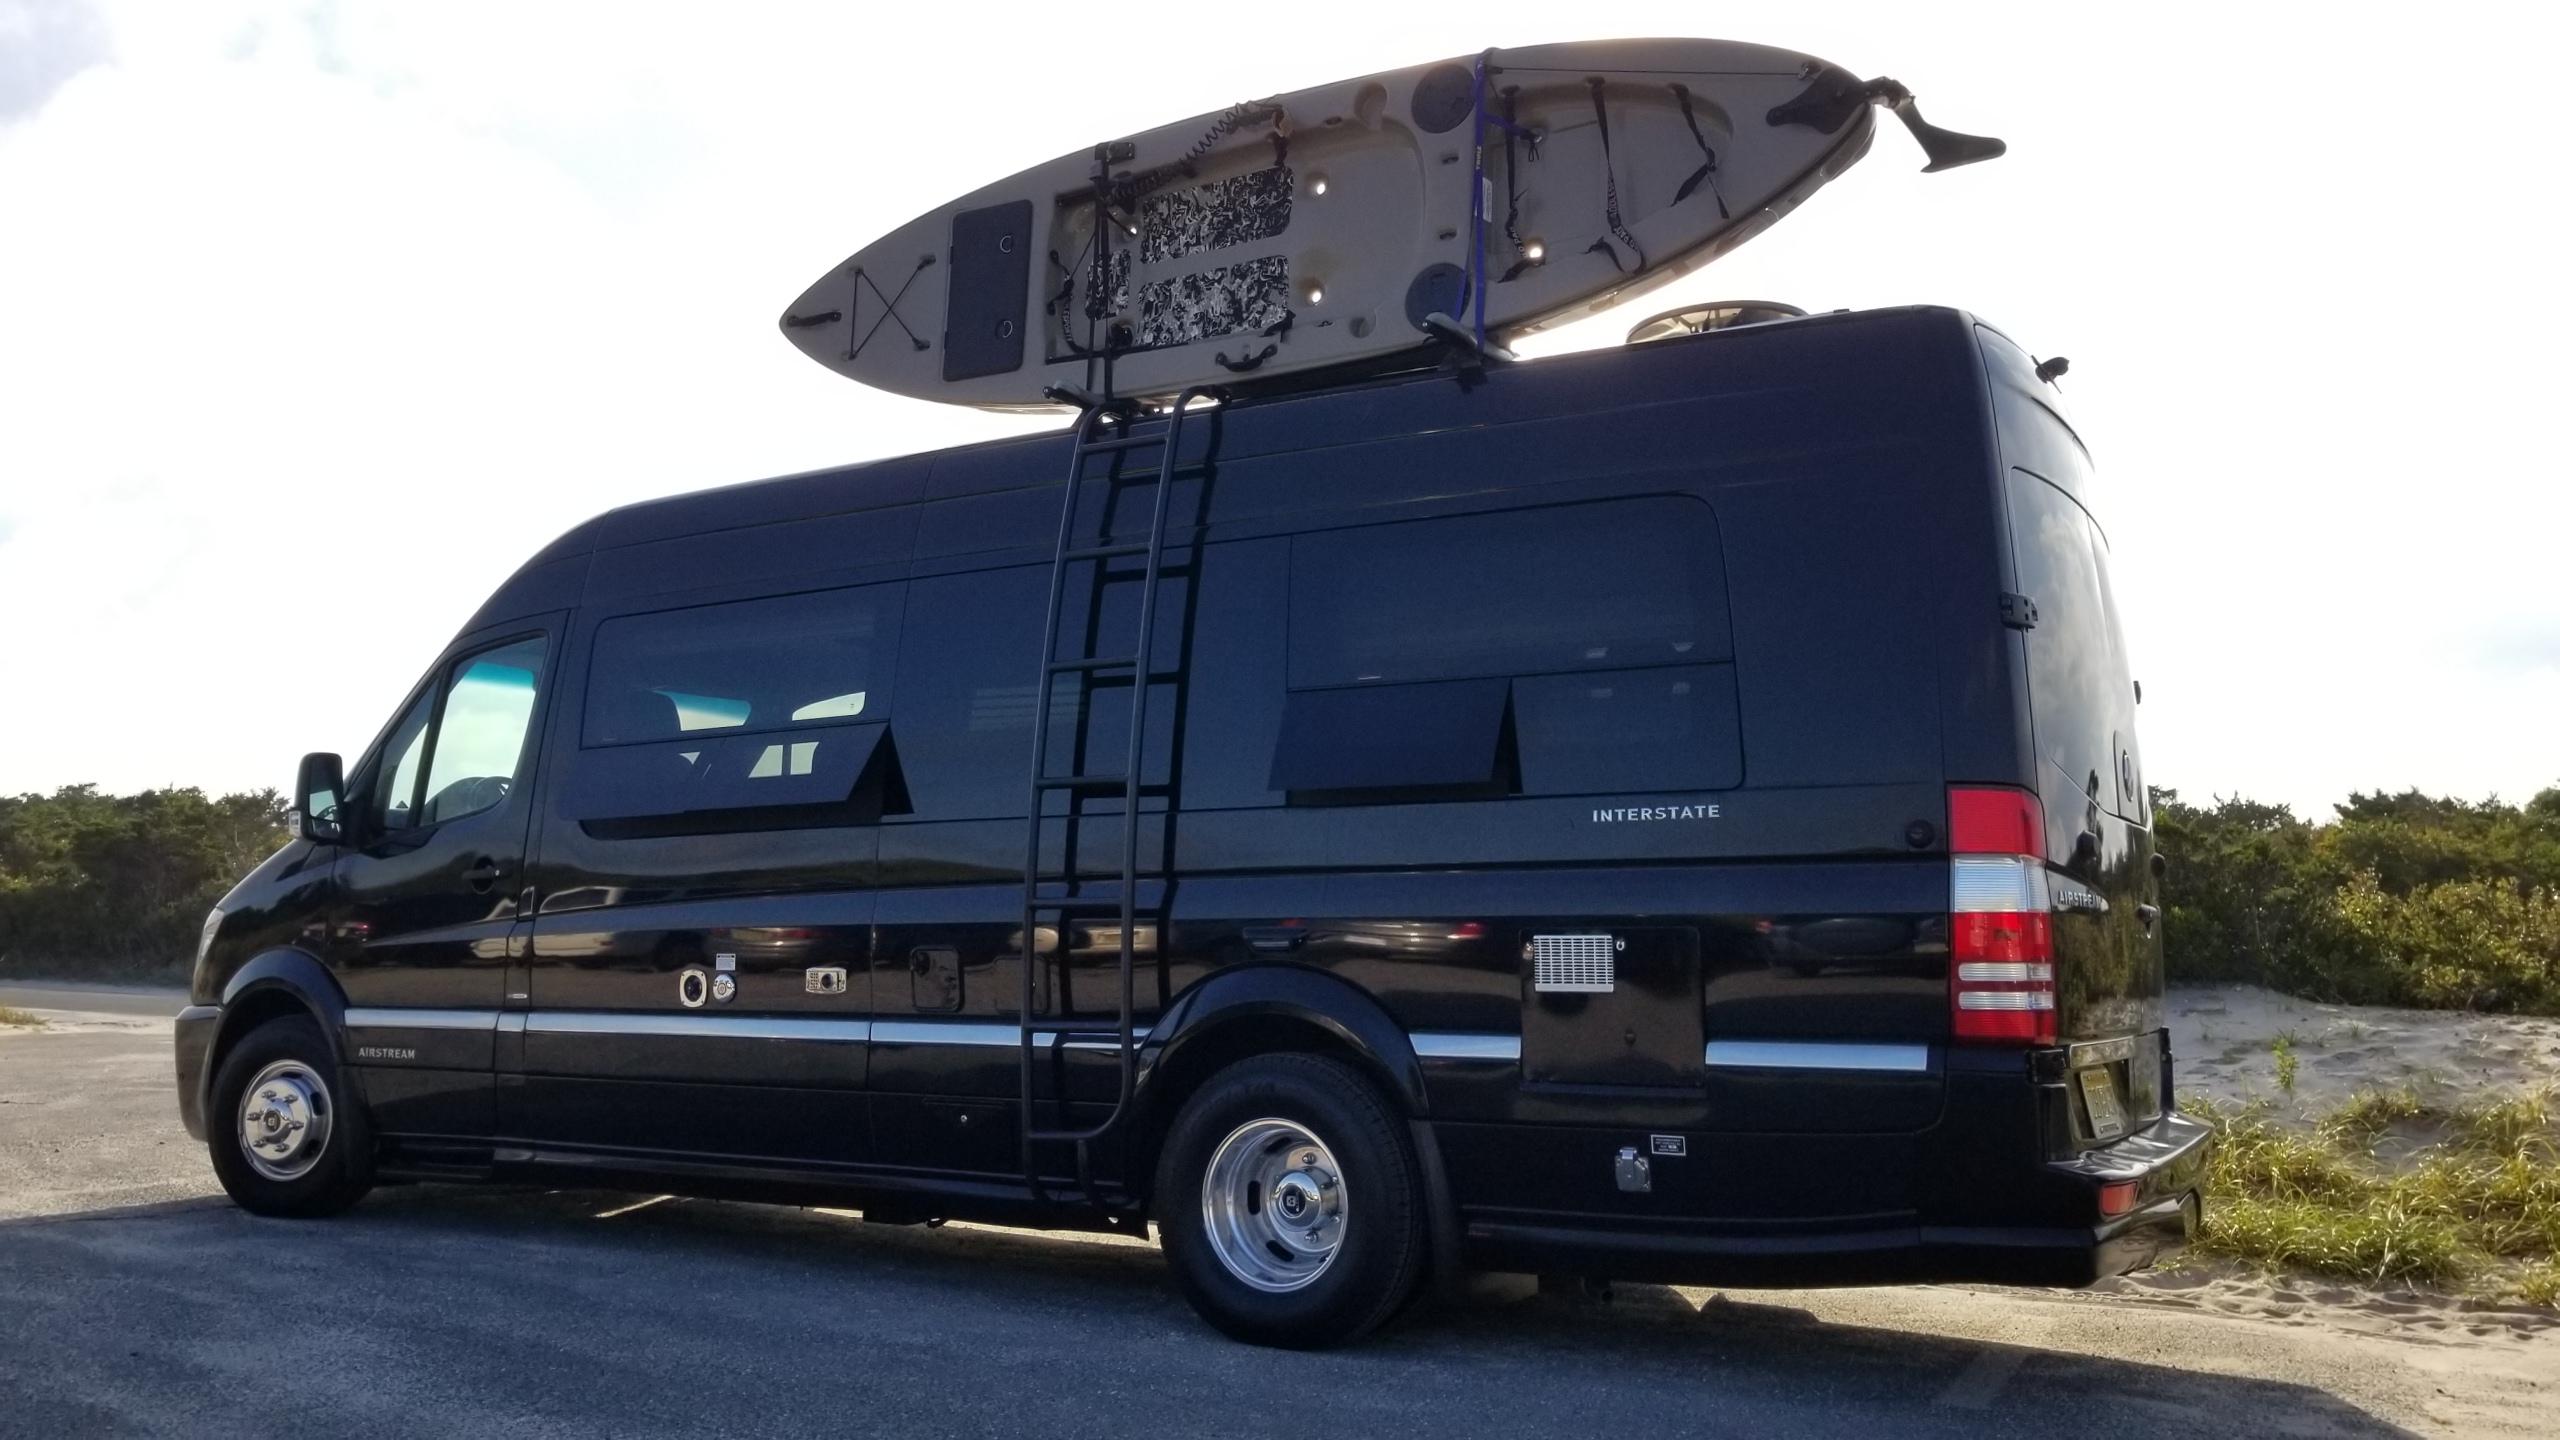 Airstream Interstate Kayak & Ladder